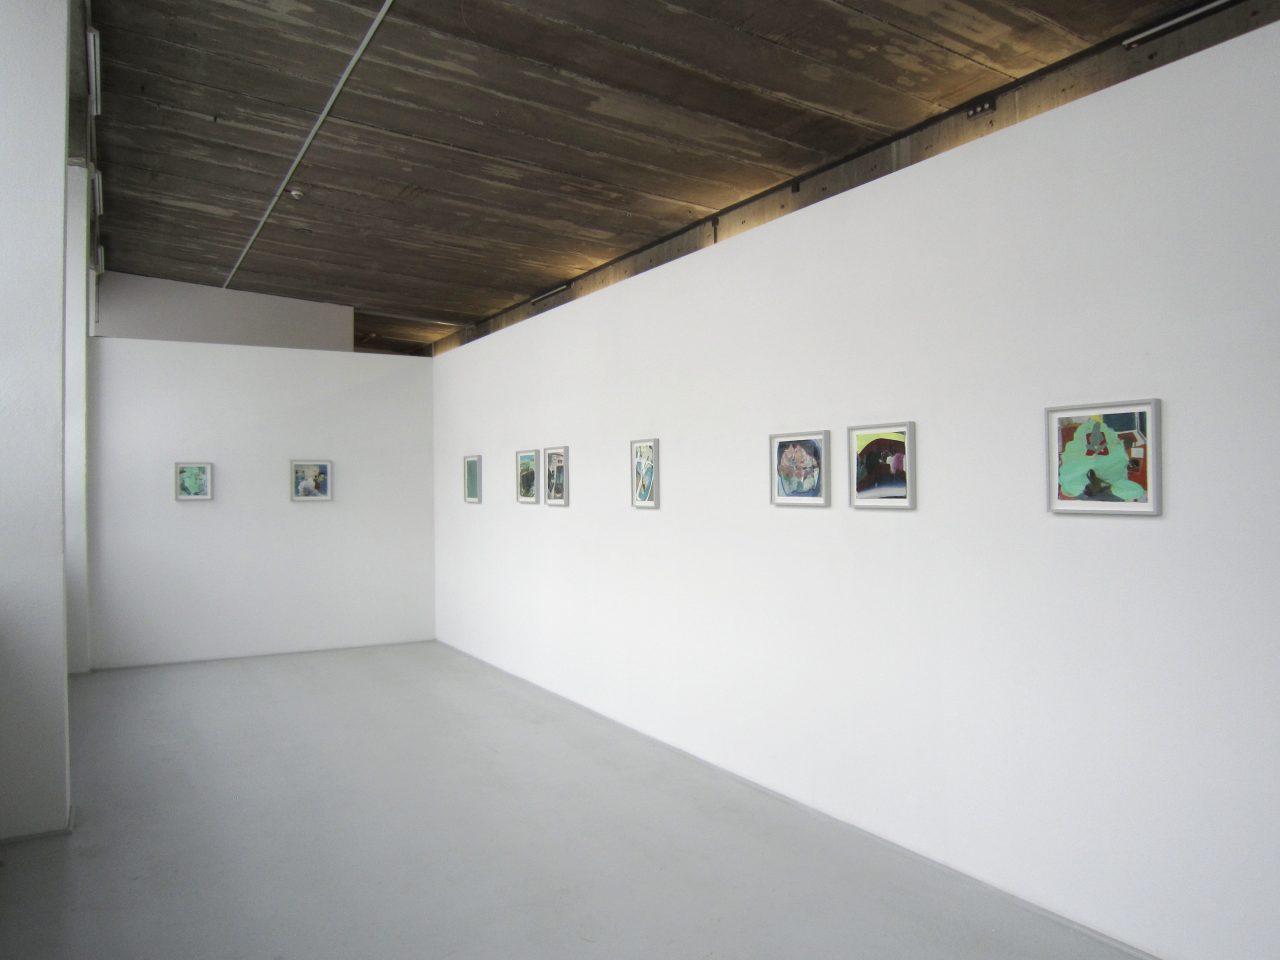 Installation view ULTRA MERE, Galerie Borssenanger, Chemnitz, 27.01.-24.02.2017